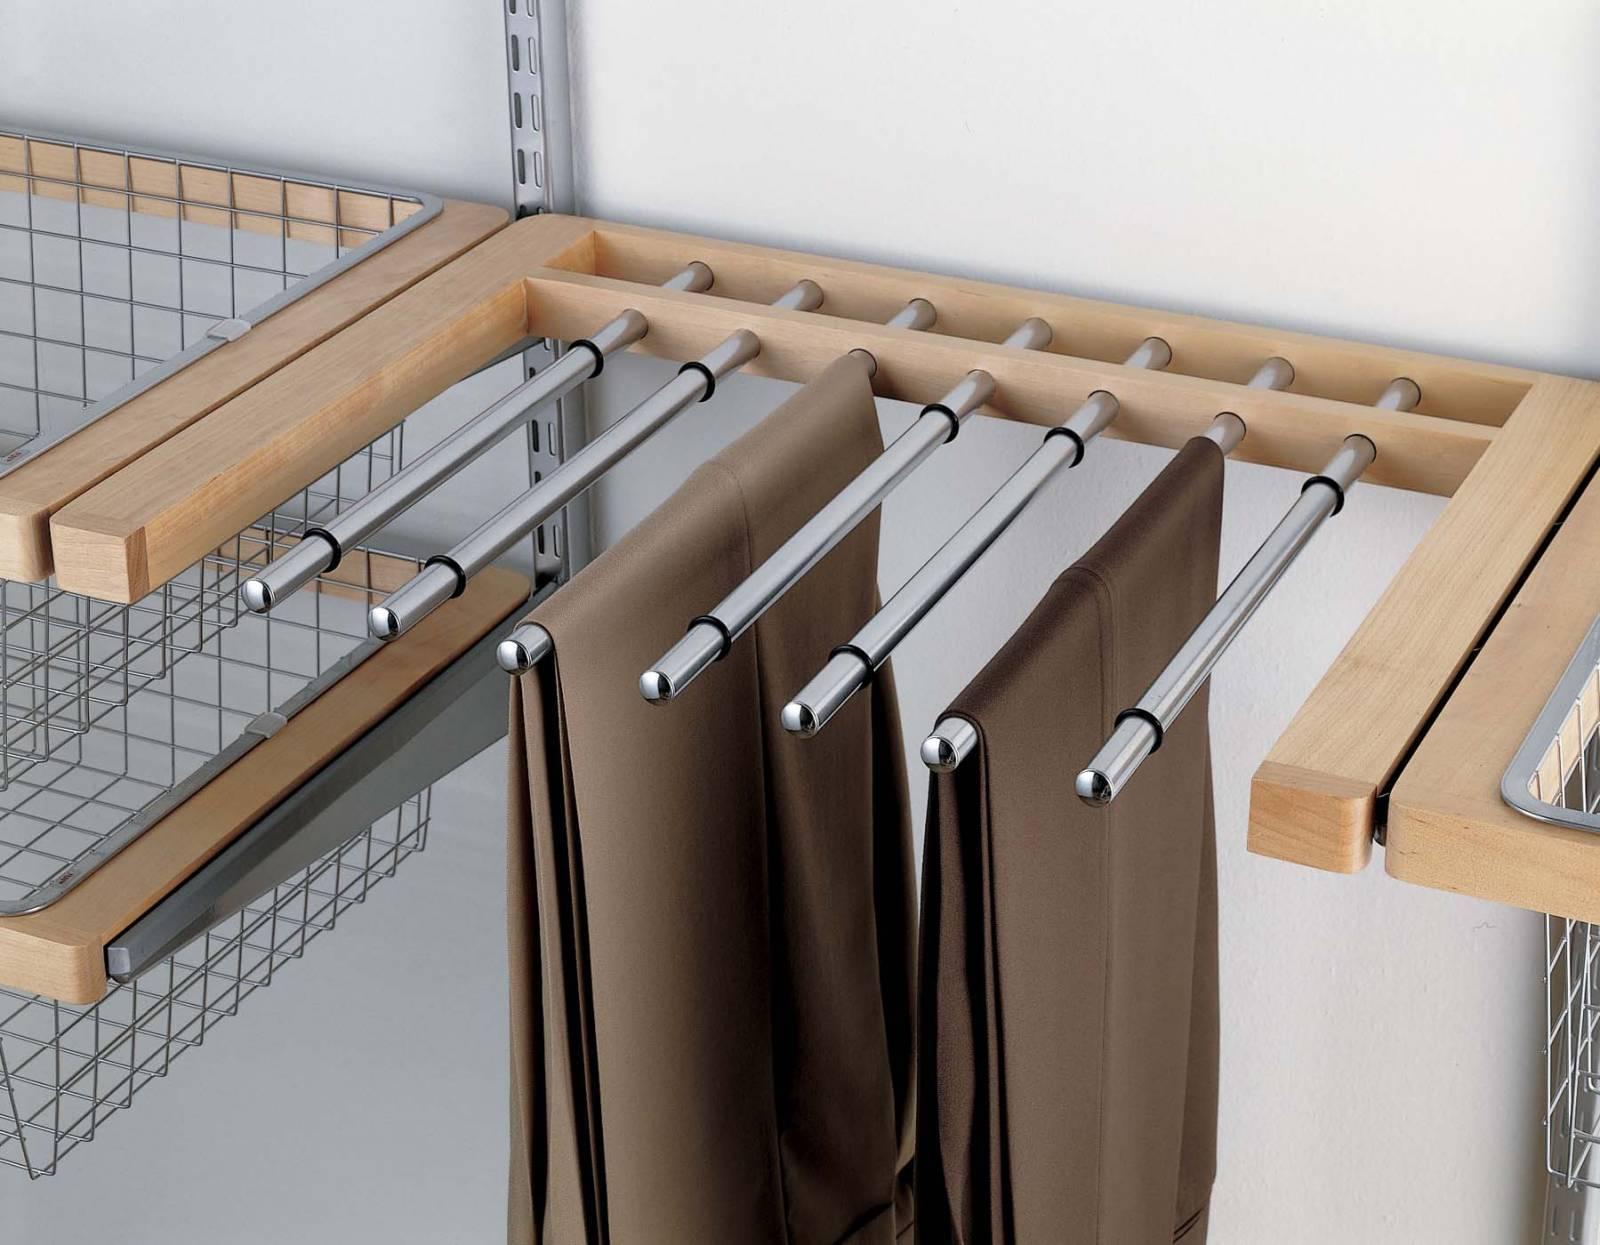 Шкафы распашные для одежды, плюсы и минусы, как вписать в интерьер